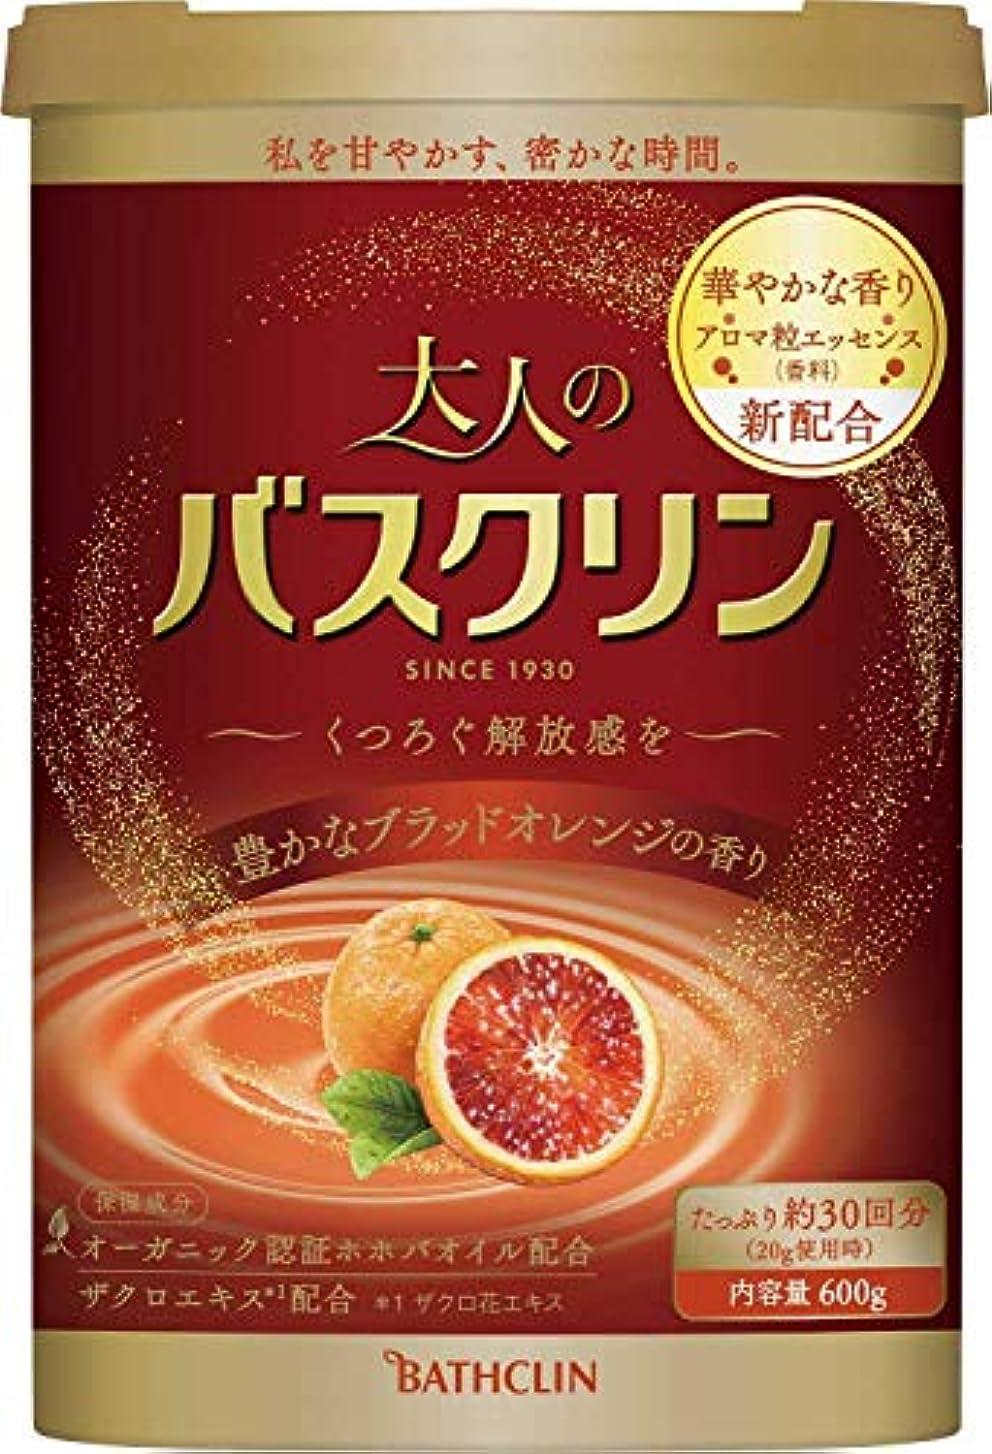 心からリンケージ南極大人のバスクリン豊かなブラッドオレンジの香り600g入浴剤(約30回分)